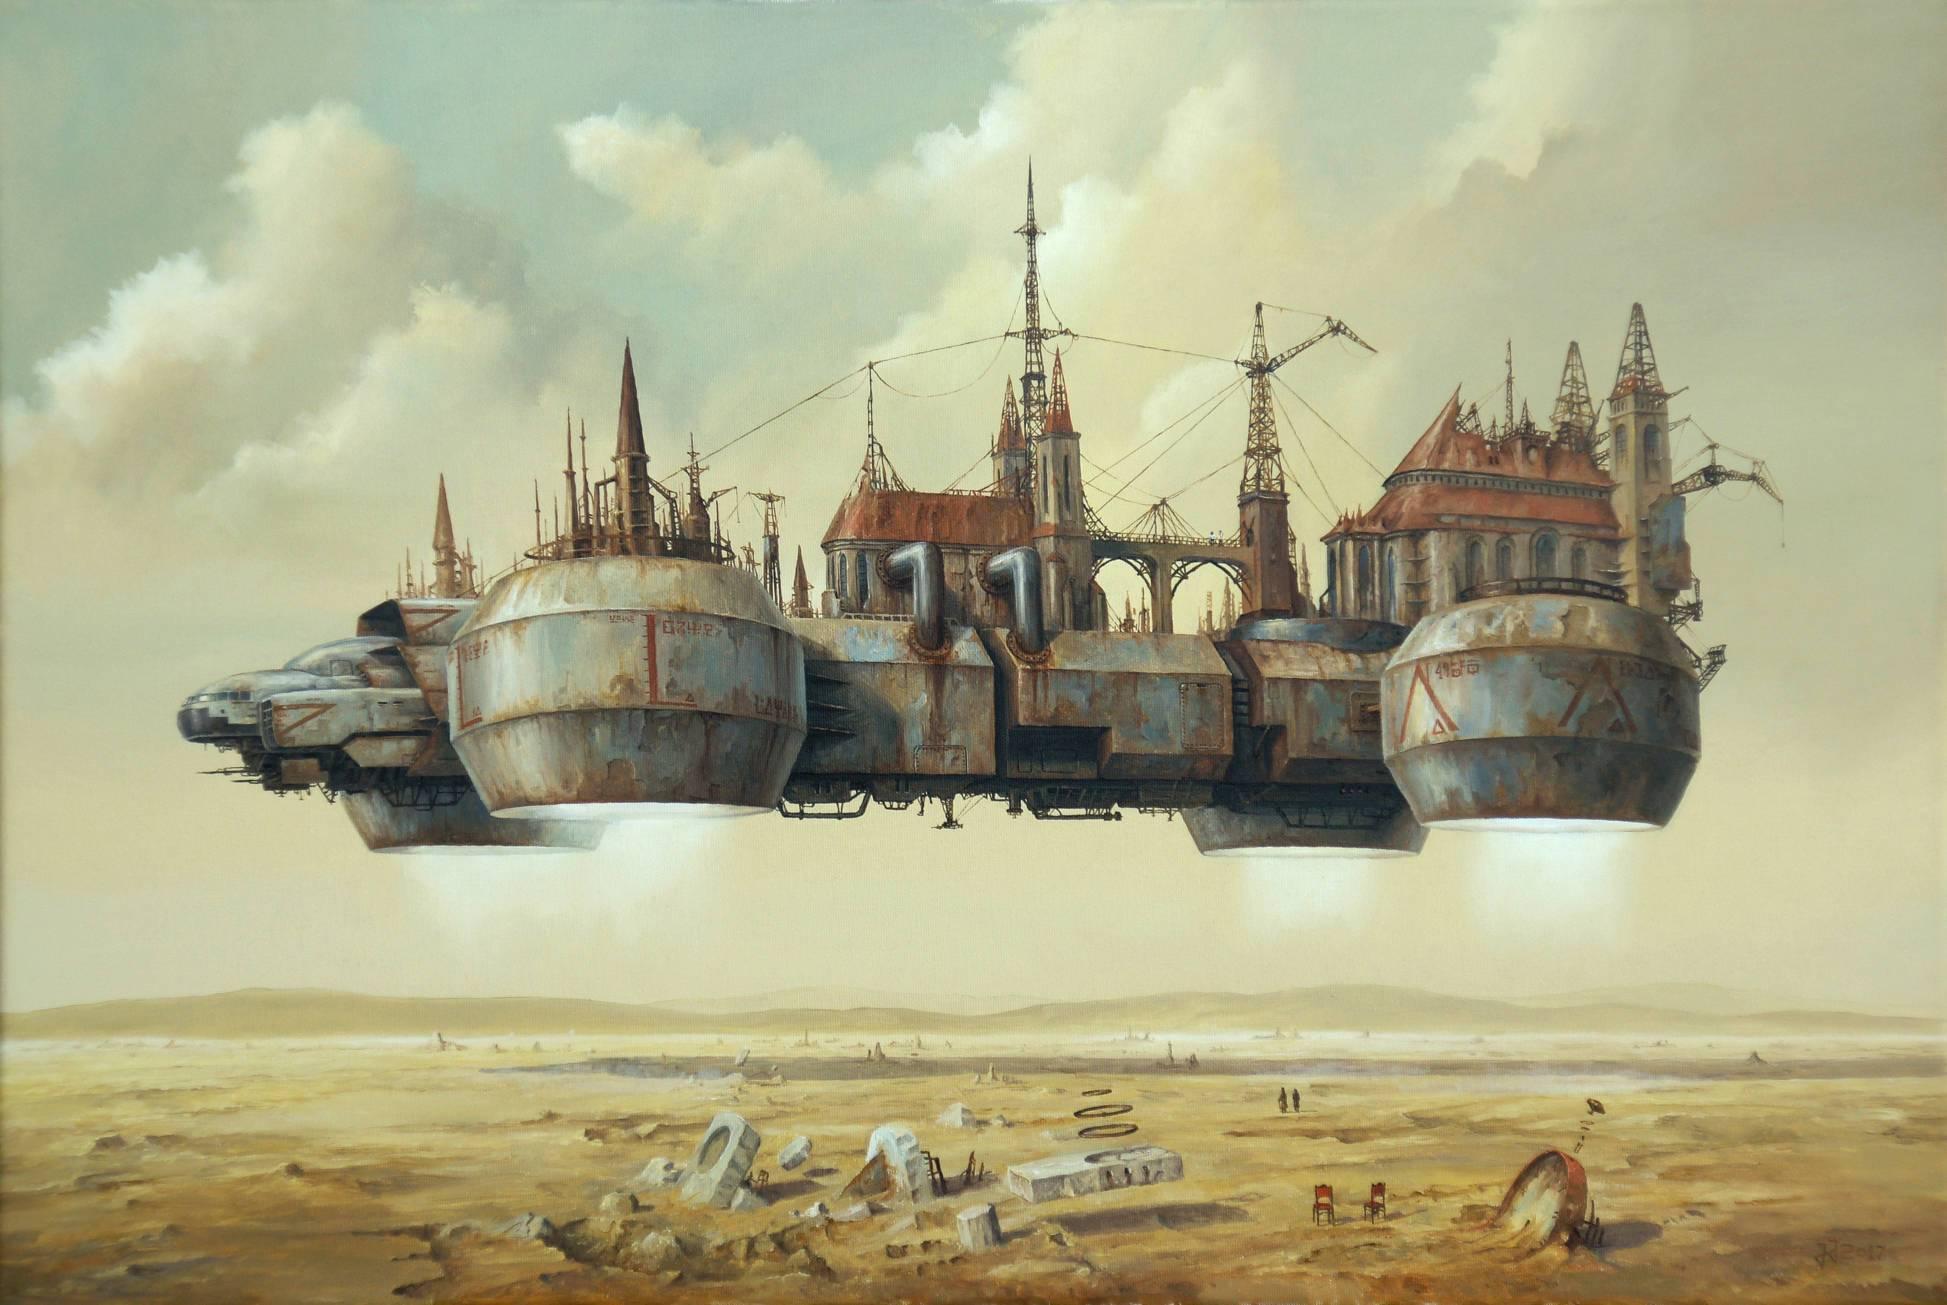 Władcy pustyni